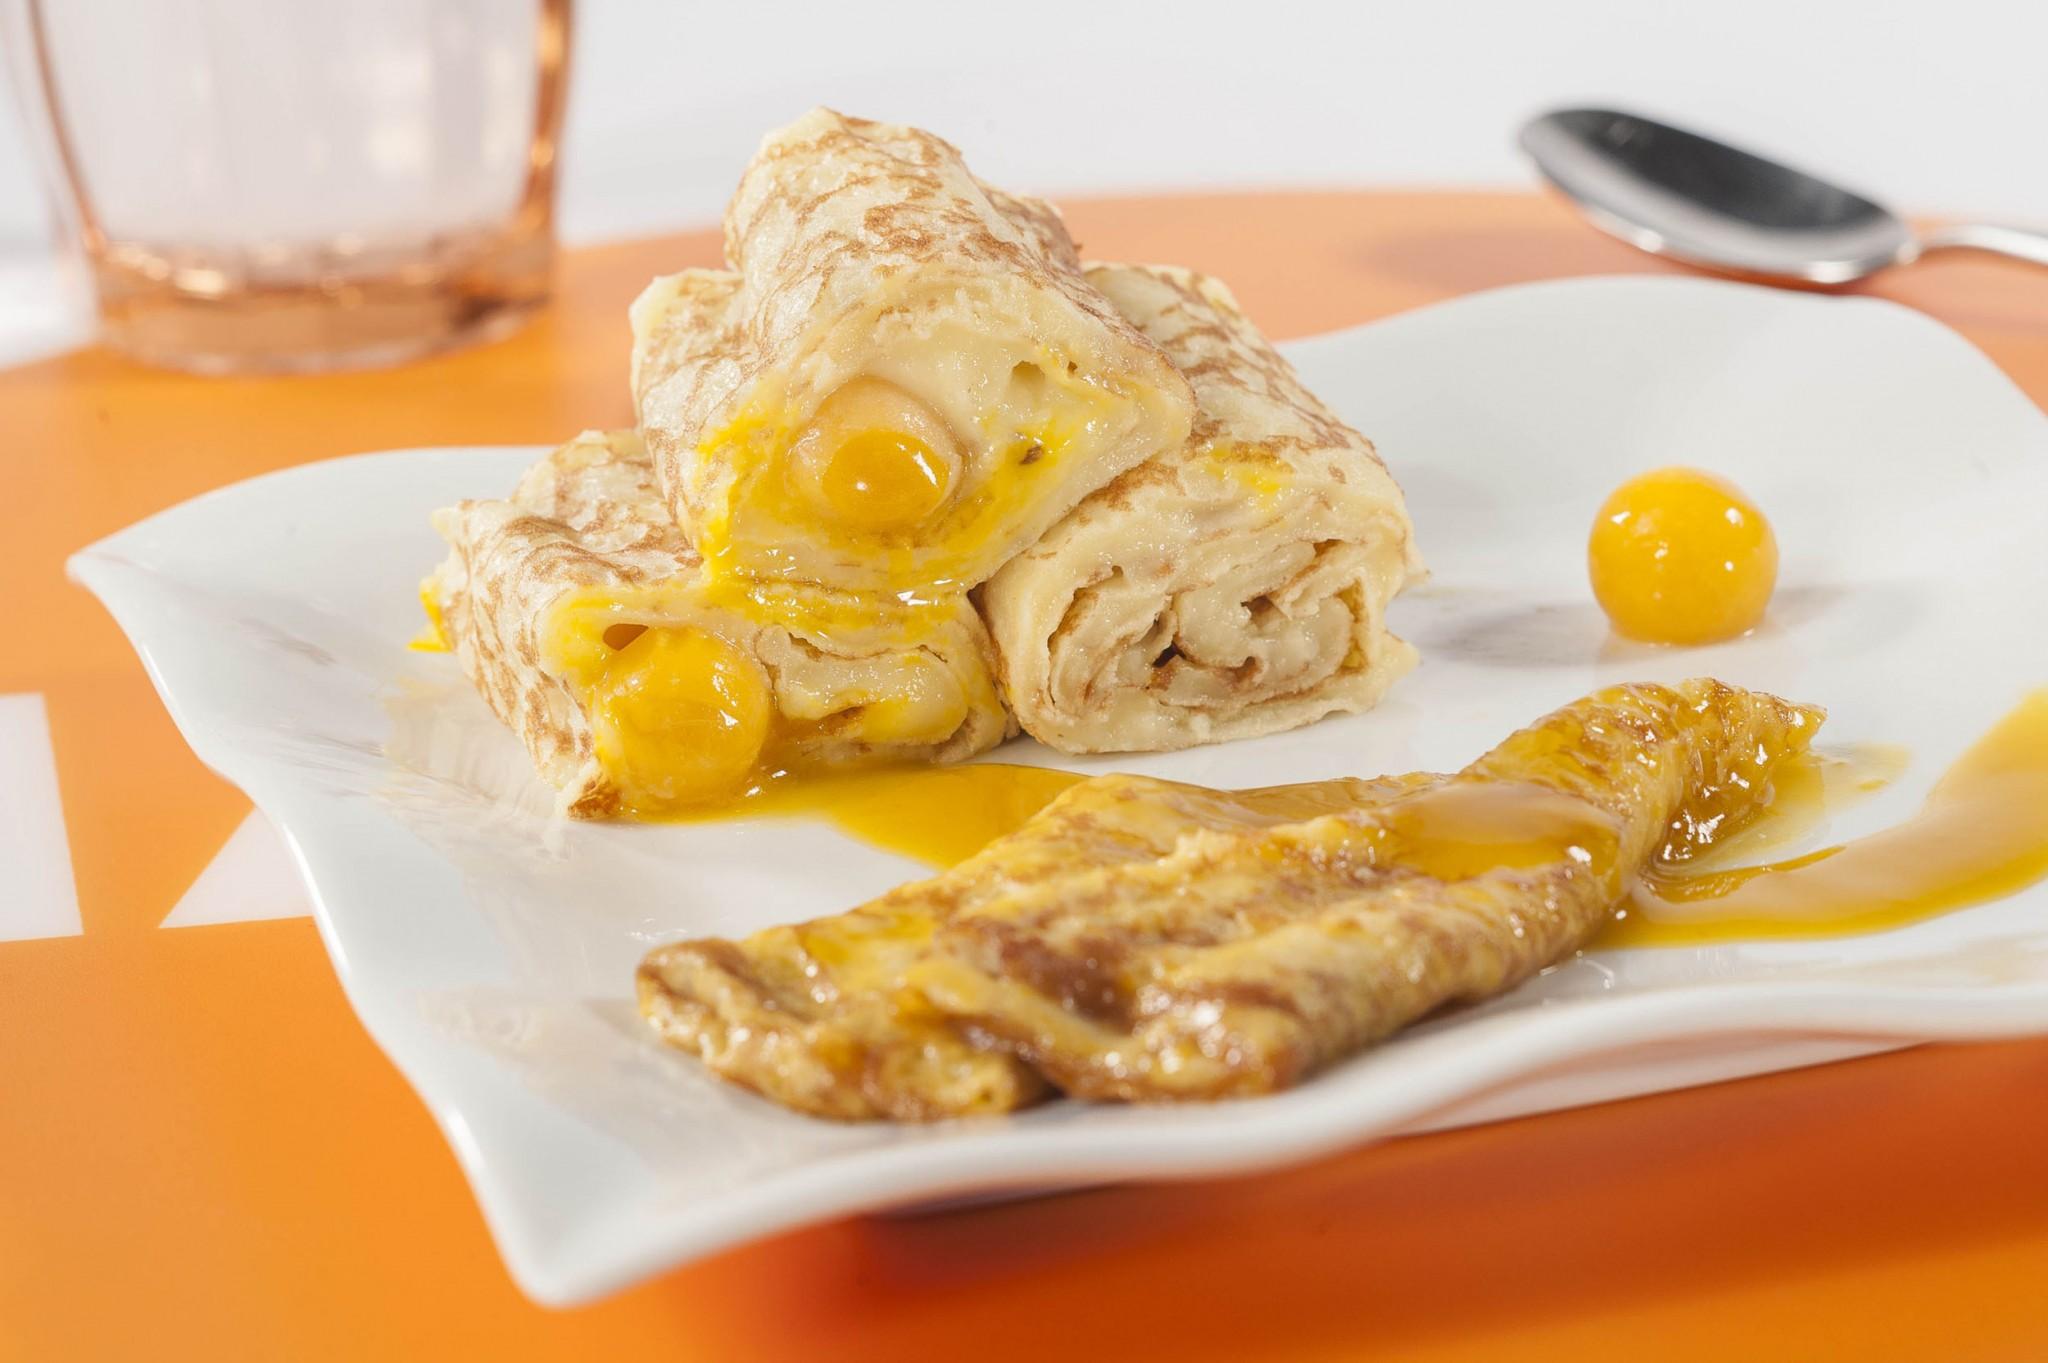 photographie culinaire, crepe et bille de mangue